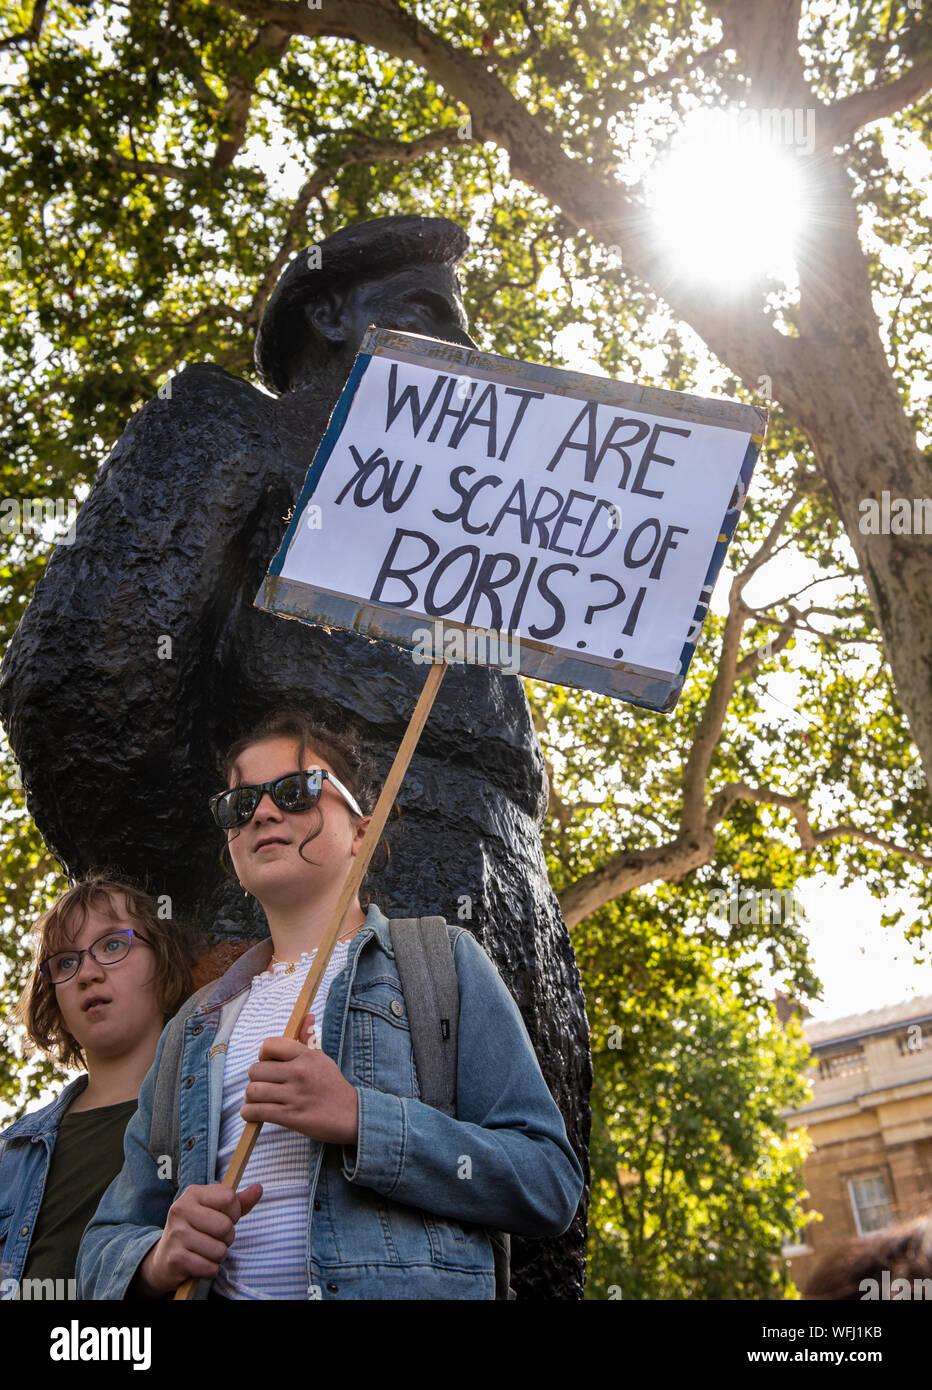 """Los manifestantes adolescentes con pancarta a 'Detener el golpe de Estado, la defensa de la democracia"""" protesta en frente de la estatua fuera de Downing Street, Londres, Reino Unido, 31 de agosto de 2019 Foto de stock"""